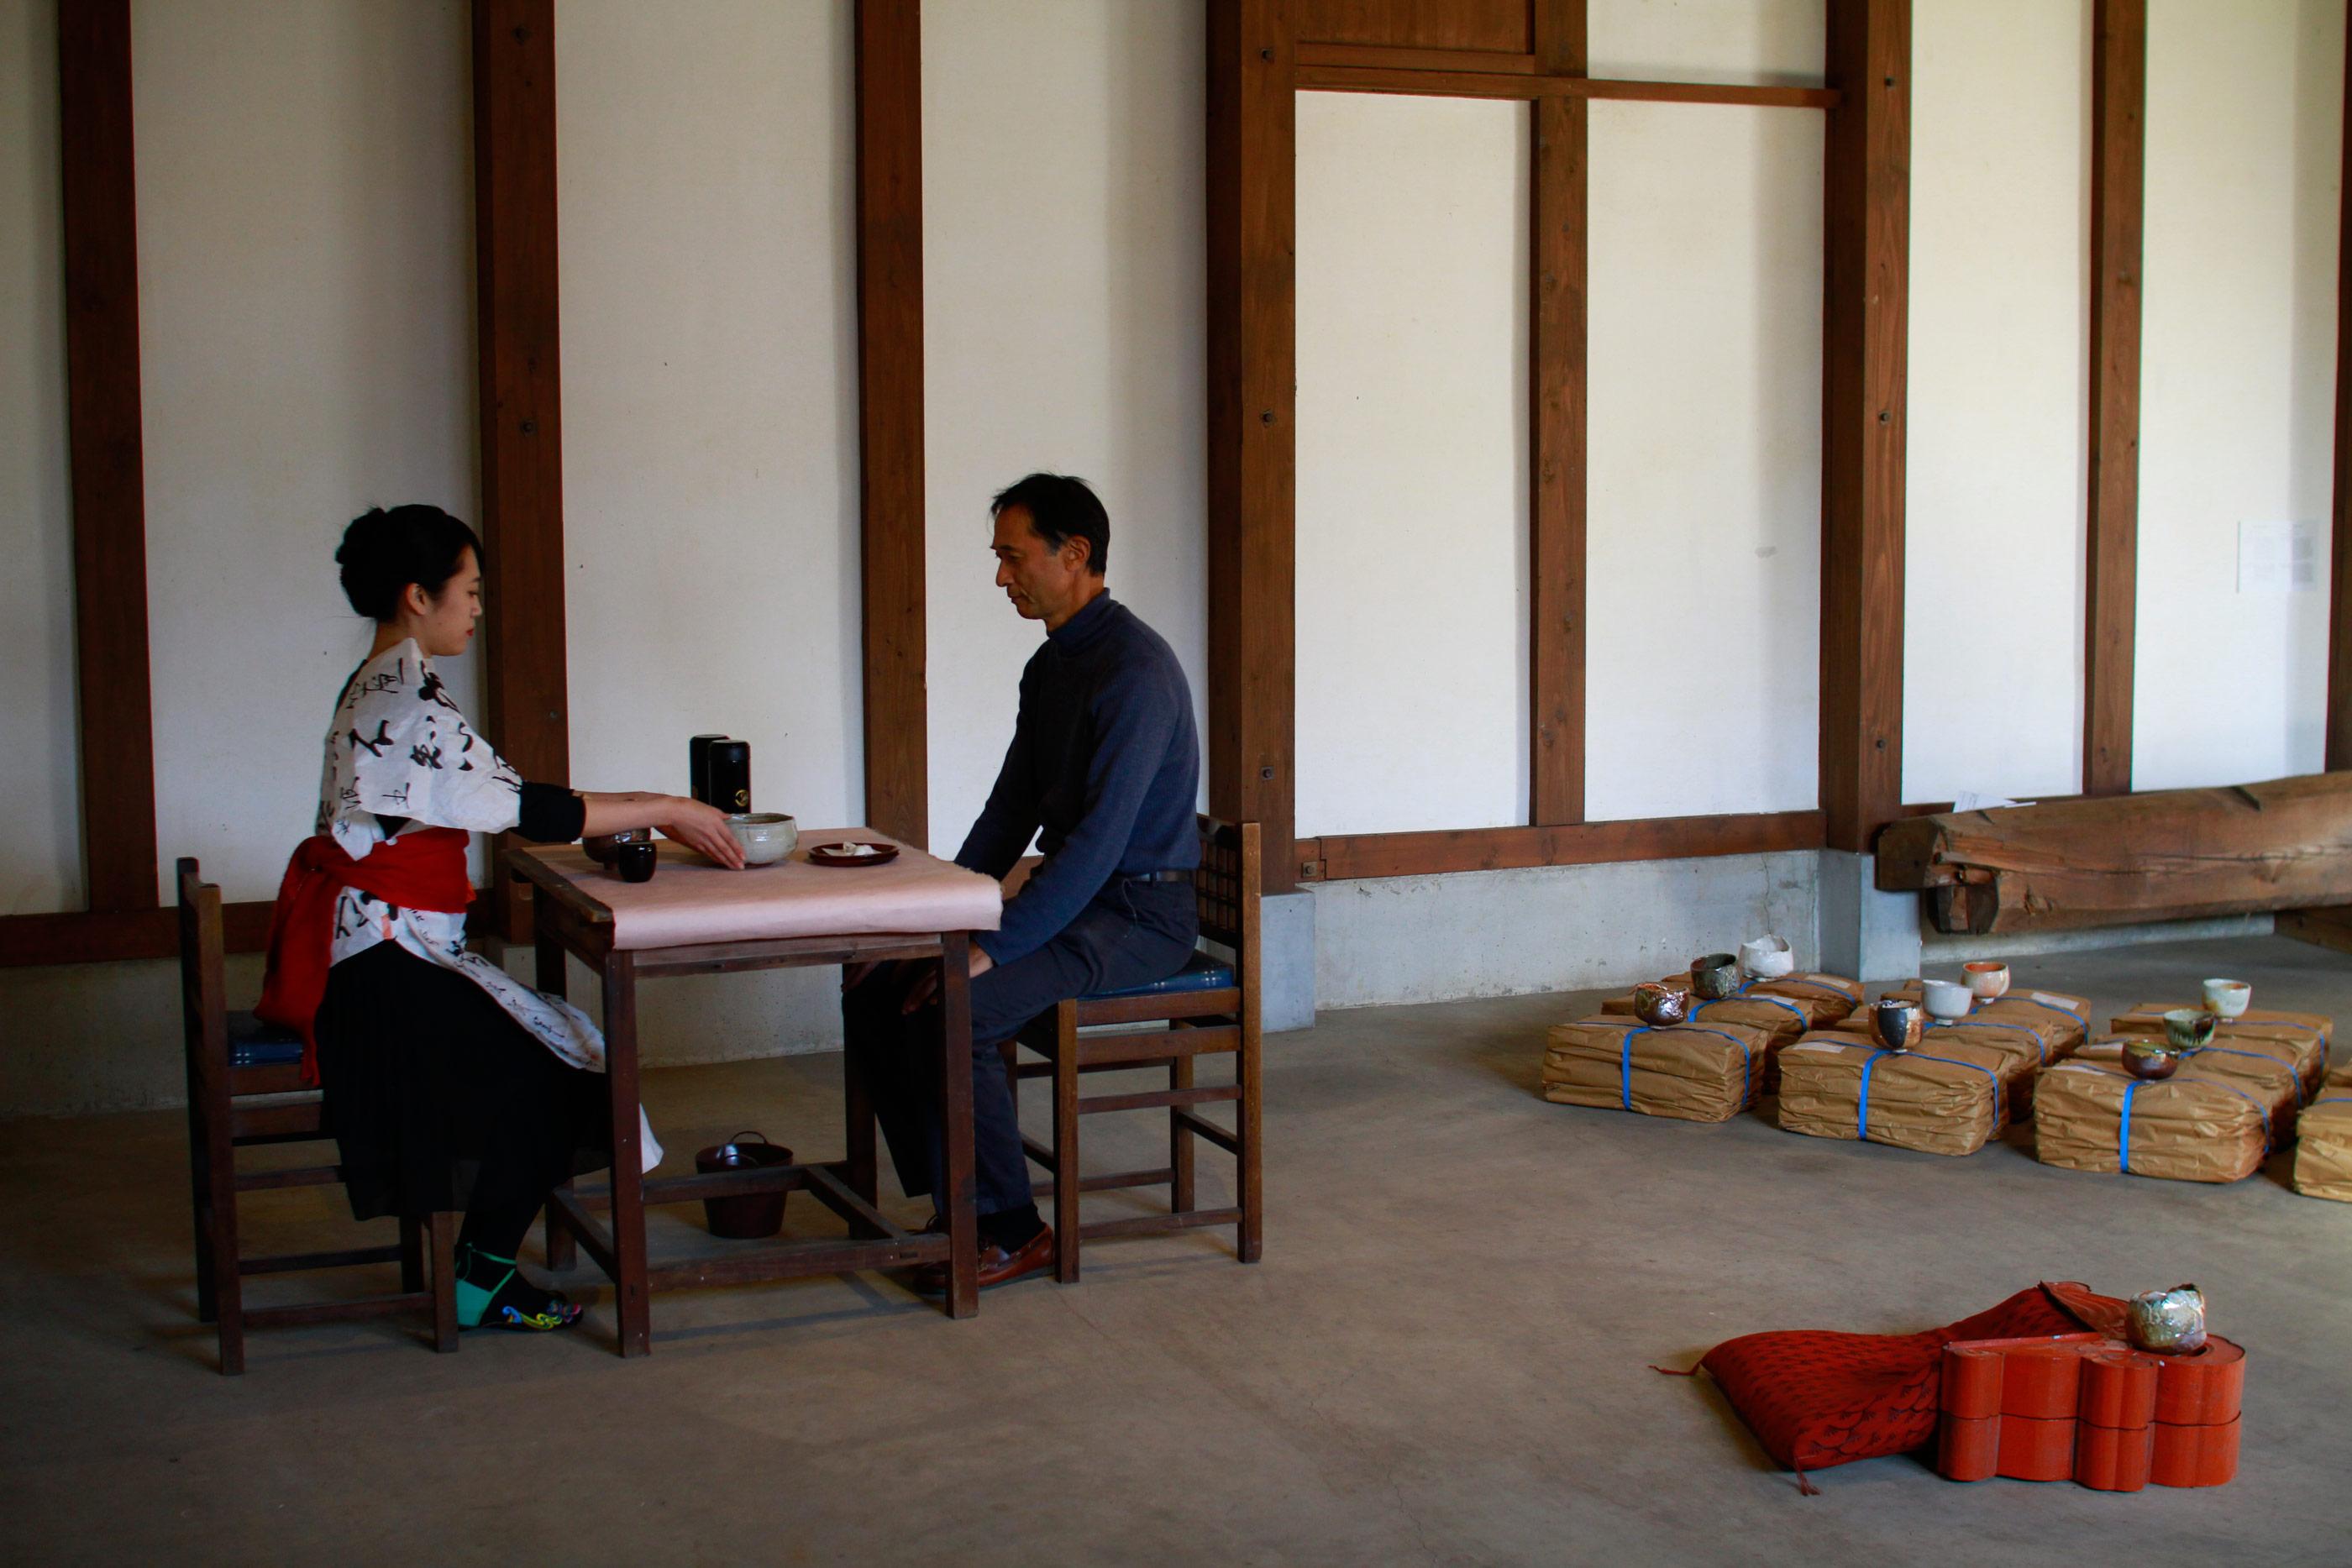 2016 Art Exhibition Japan Residency Onishi